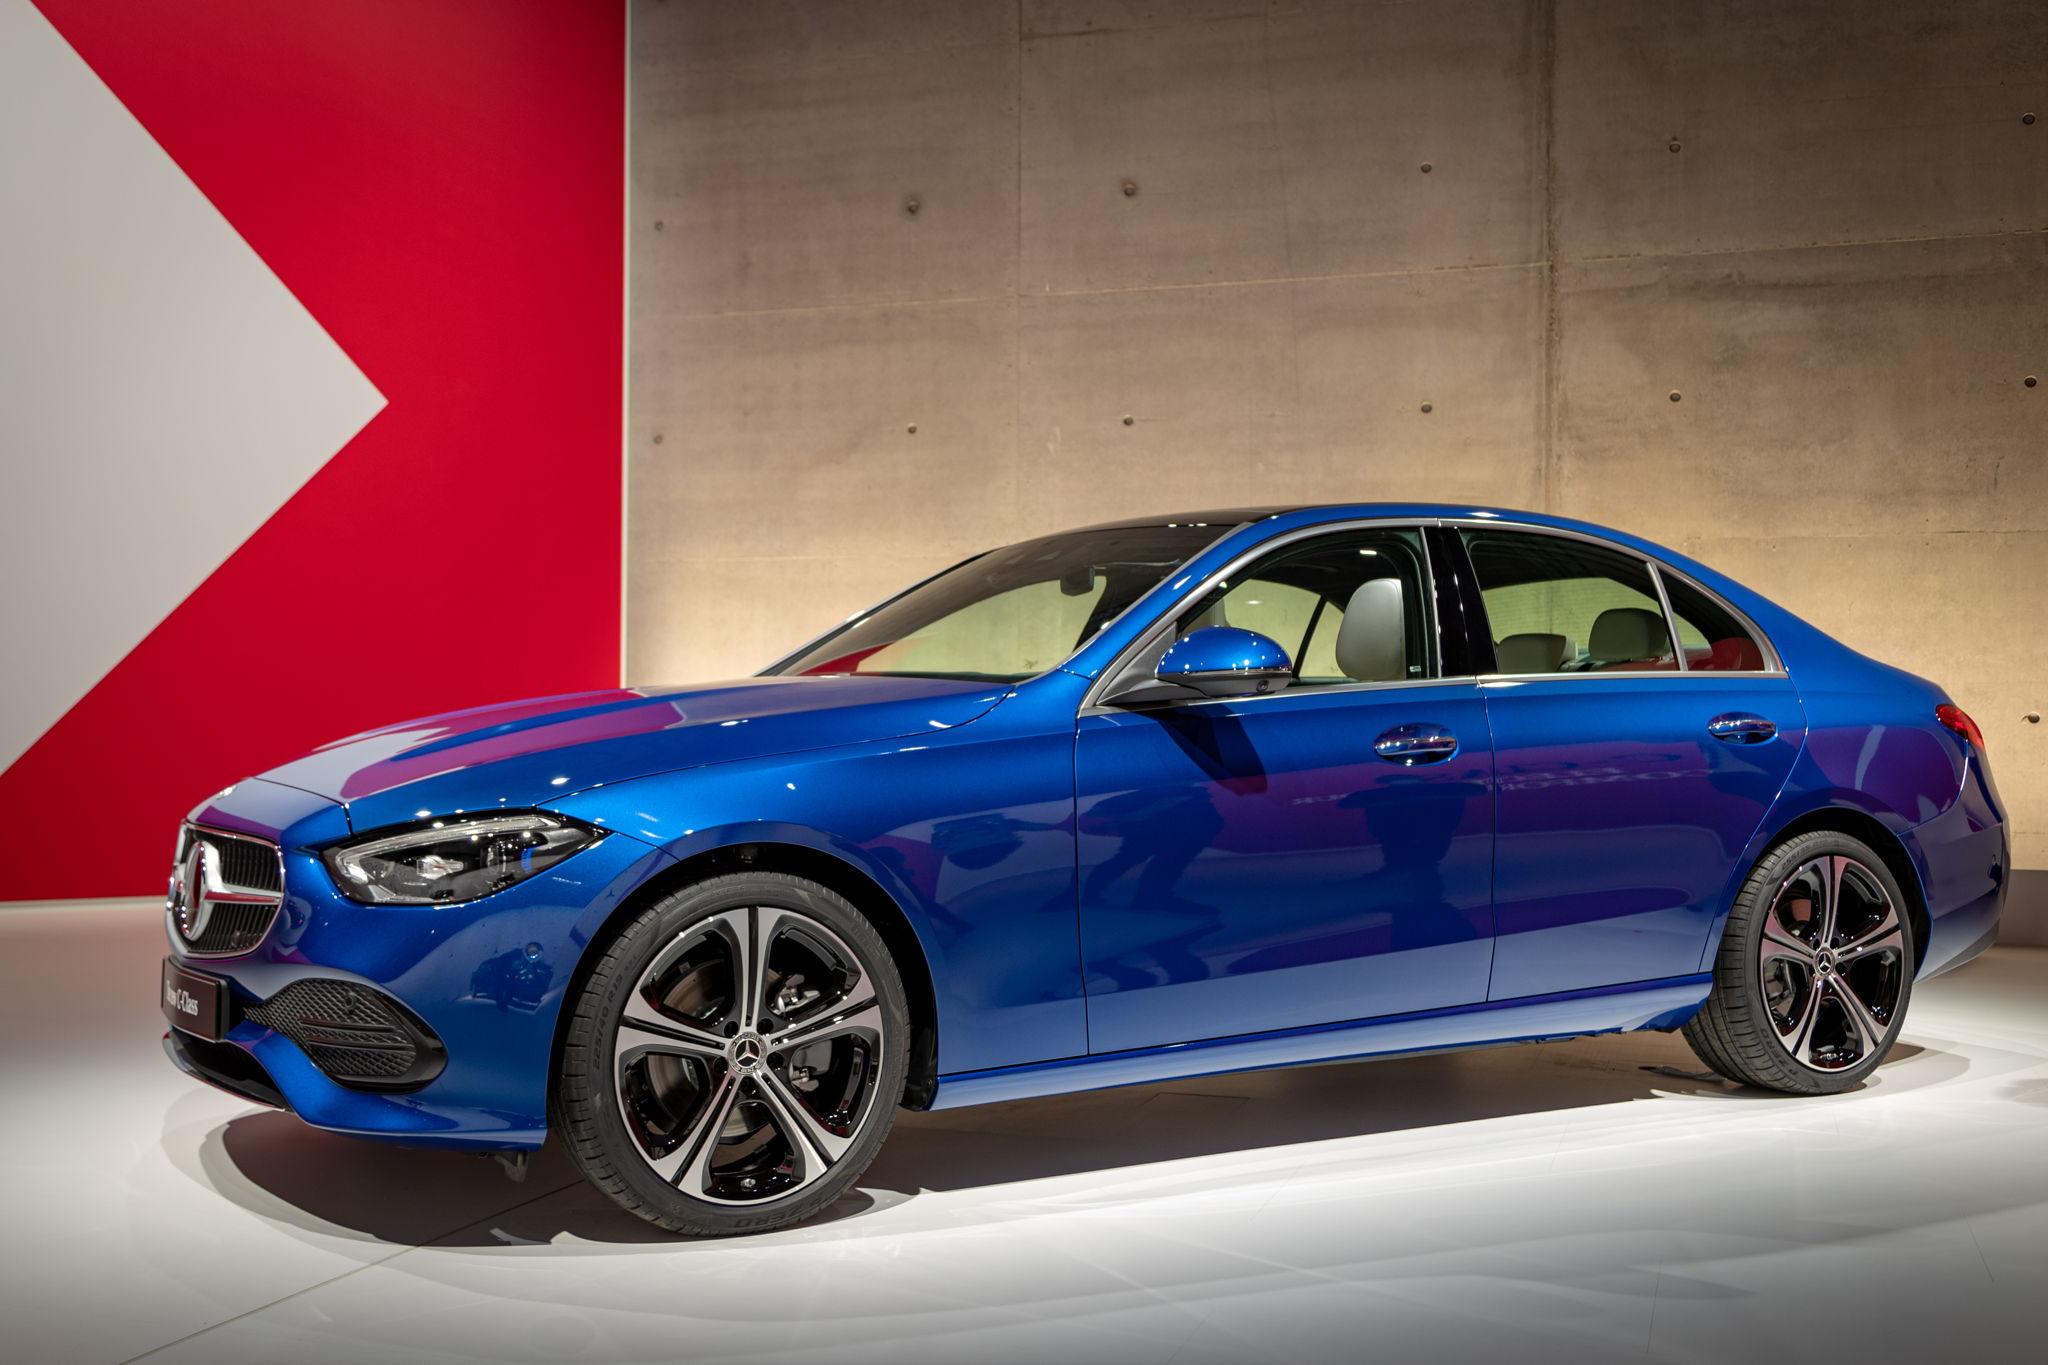 Detaillierter Blick auf die neue C-Klasse als Limo & T-Modell von Mercedes-Benz